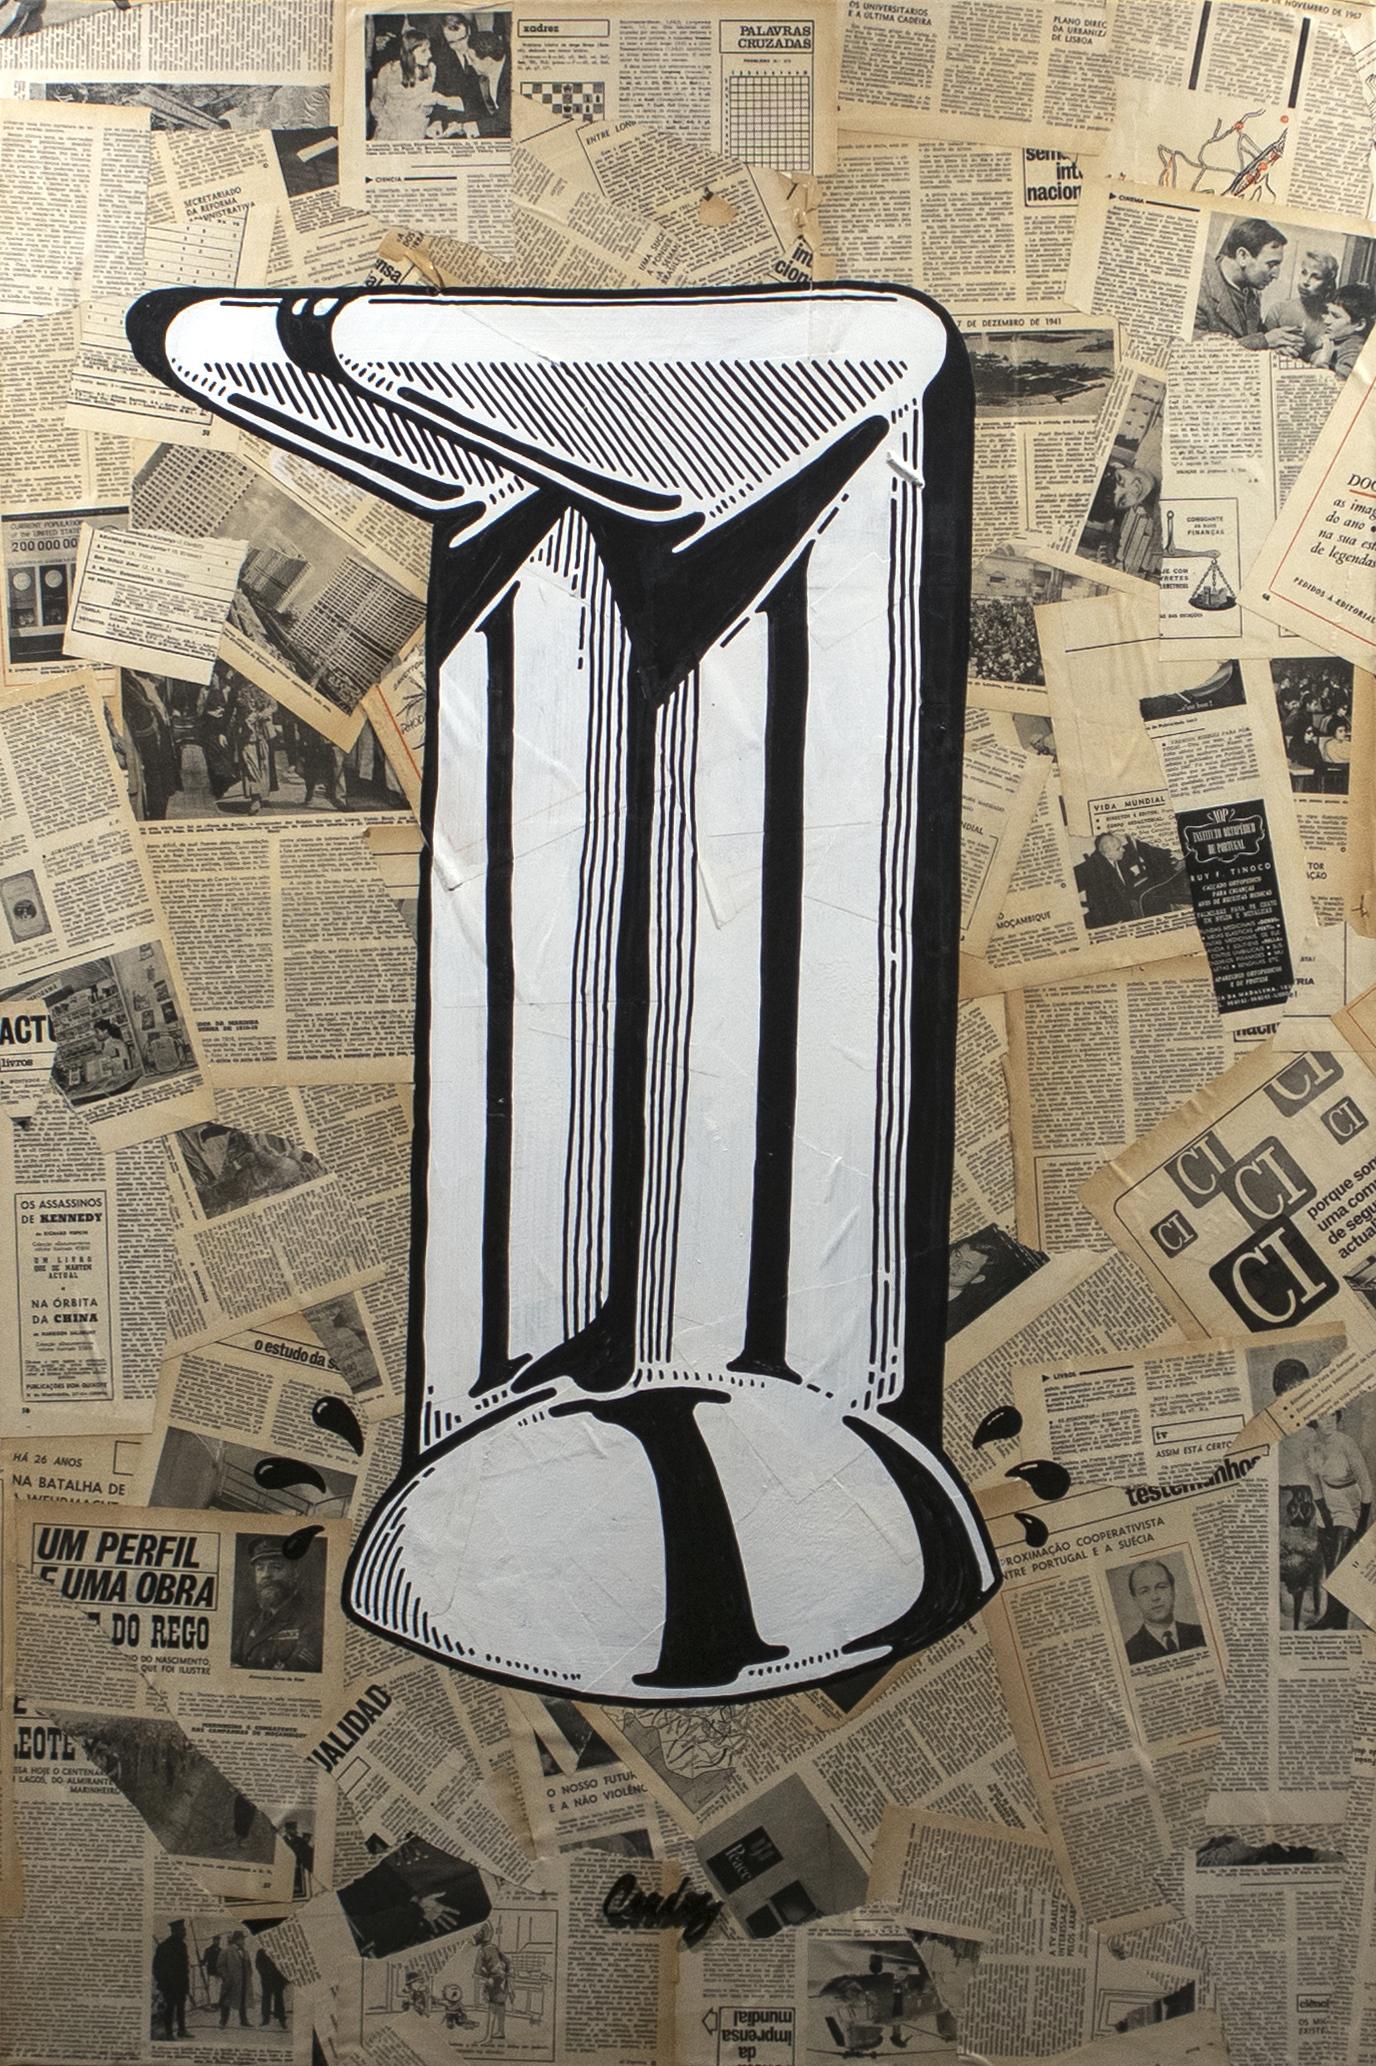 Cringe, 2019 Mixed technique - Collage + Illustration (Acrylic paint, Posca pen) 120 x 80 x 4,5 cm